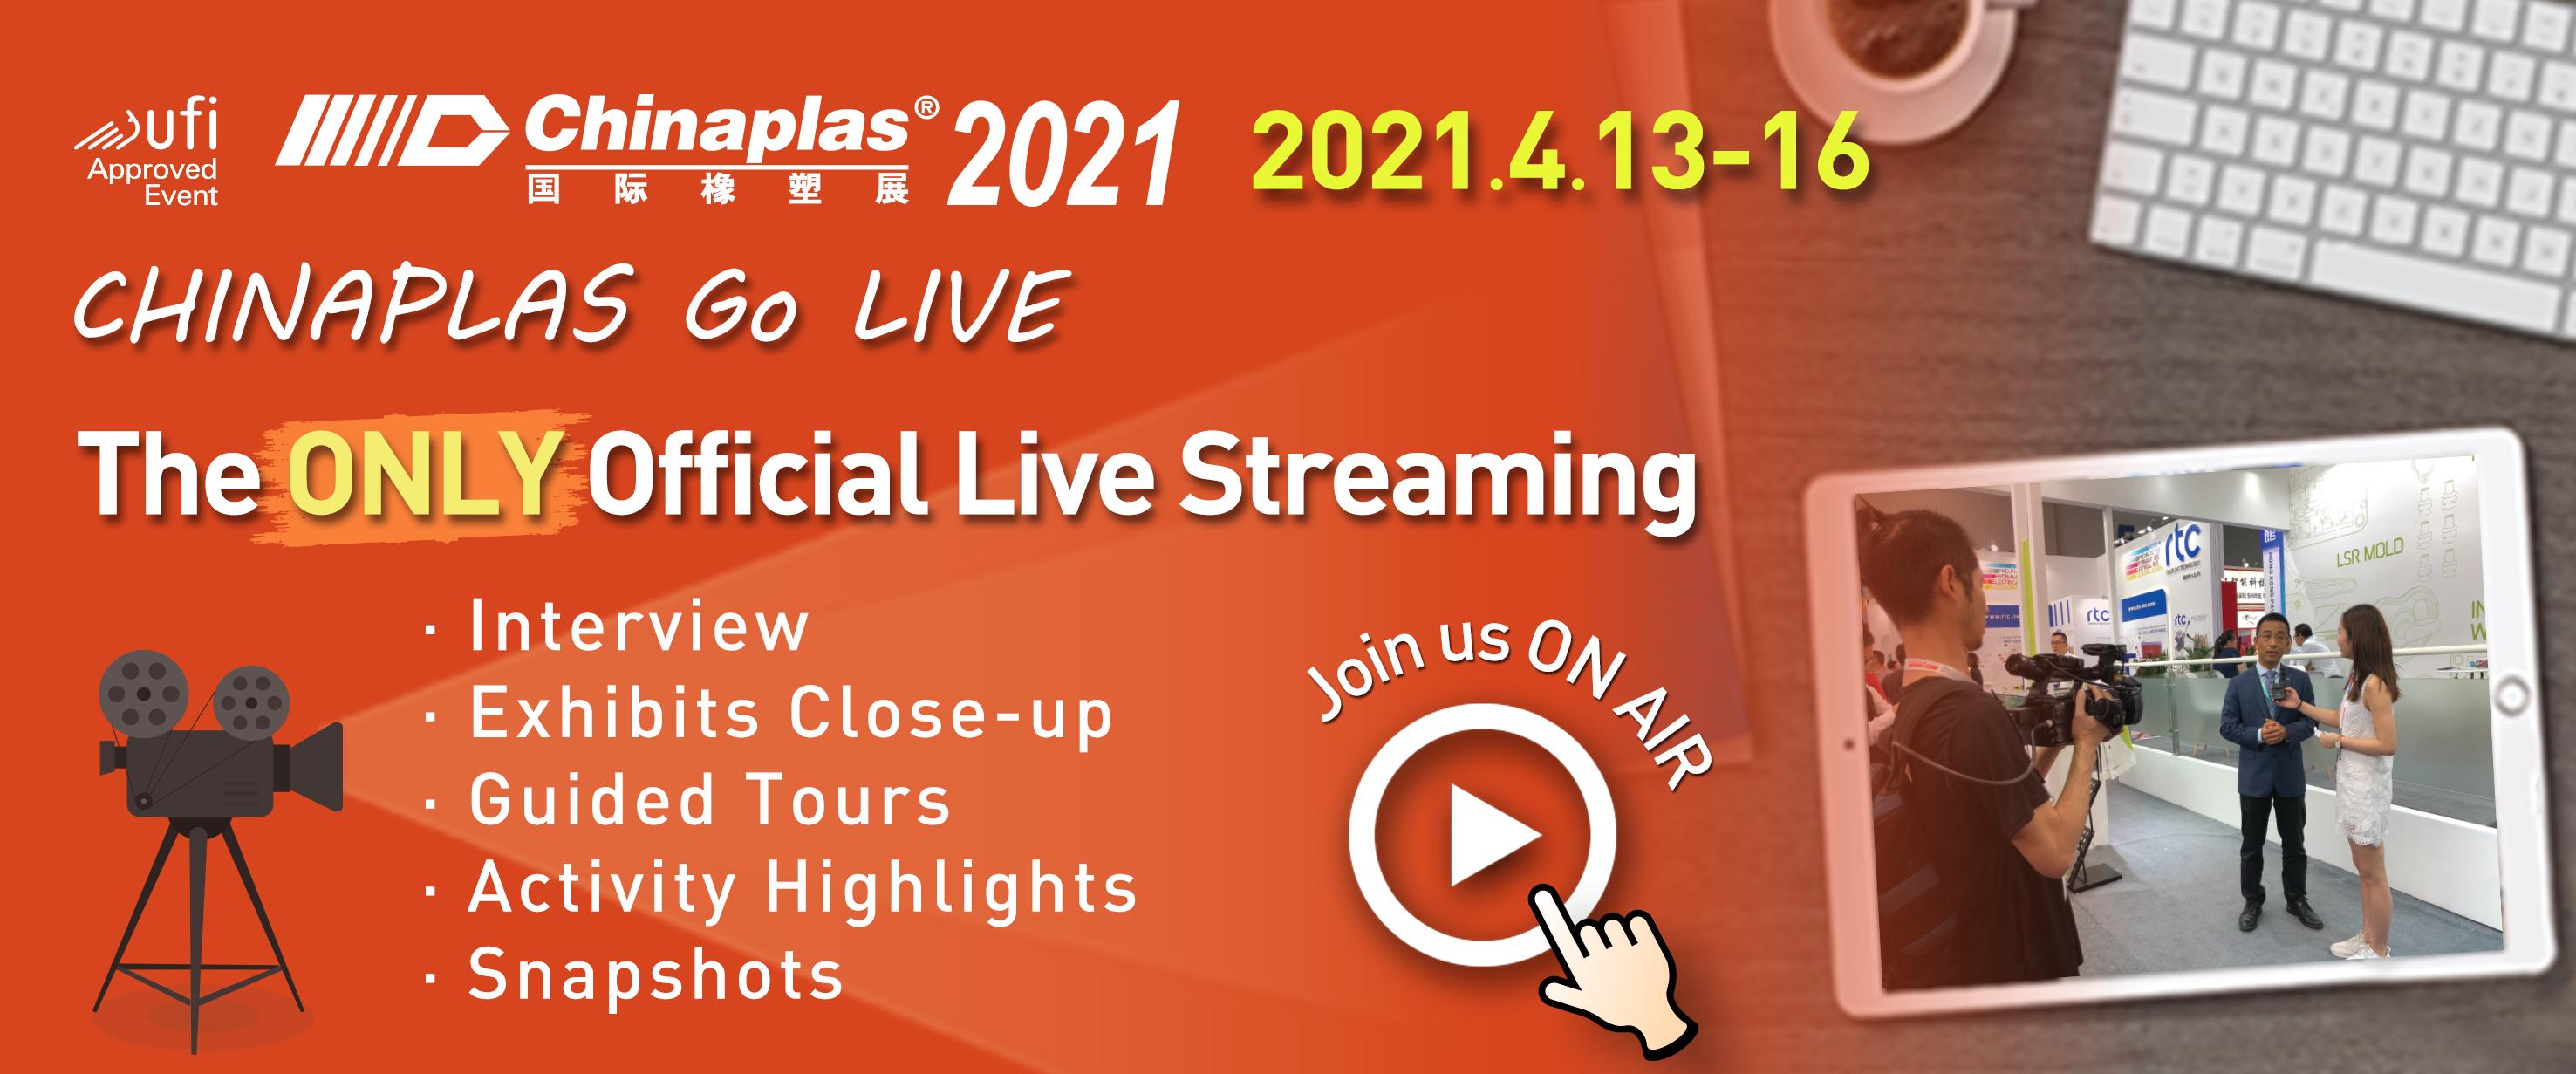 Chinaplas Go Live